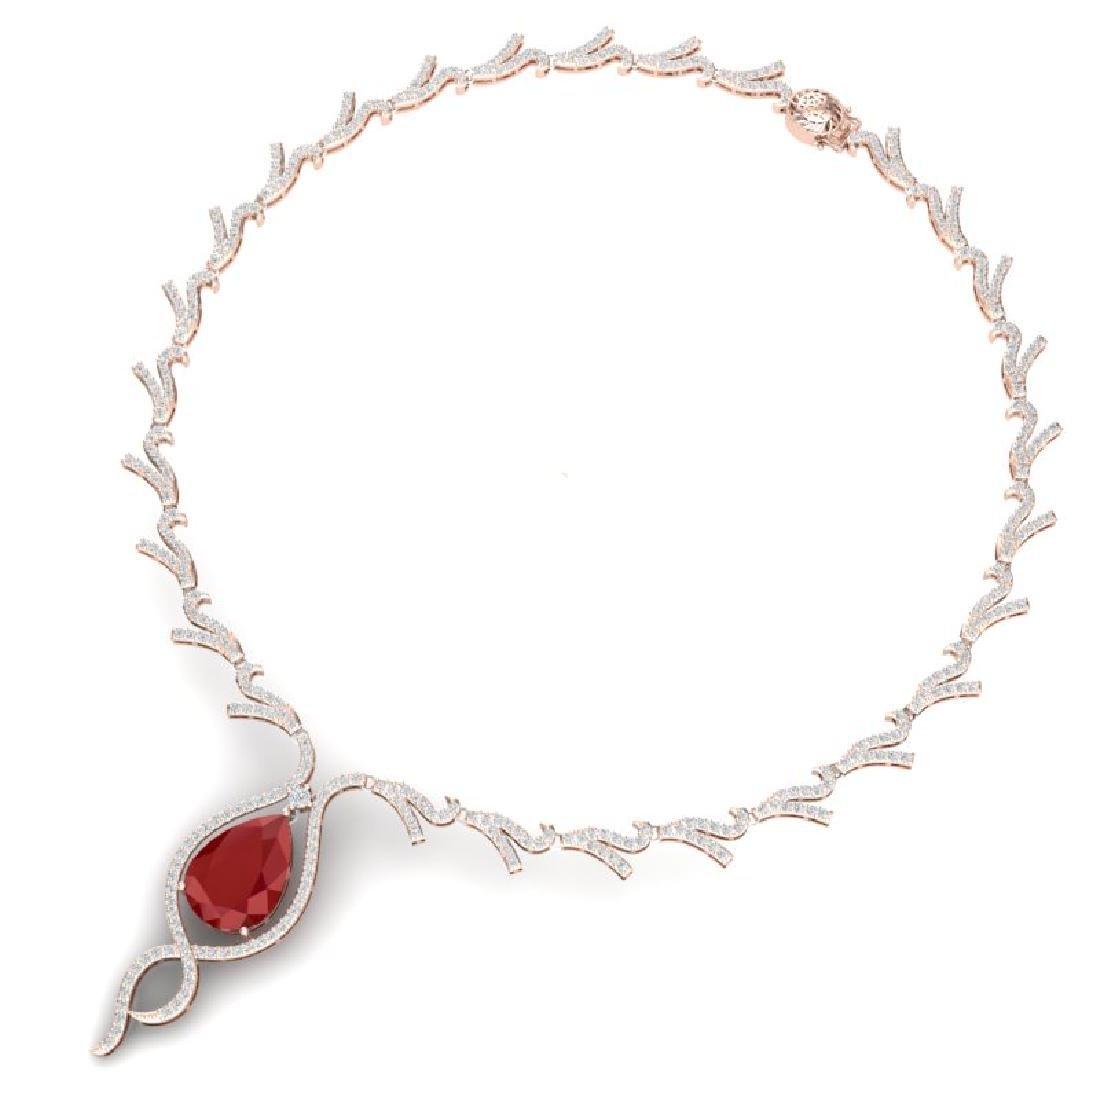 23.43 CTW Royalty Ruby & VS Diamond Necklace 18K Rose - 3